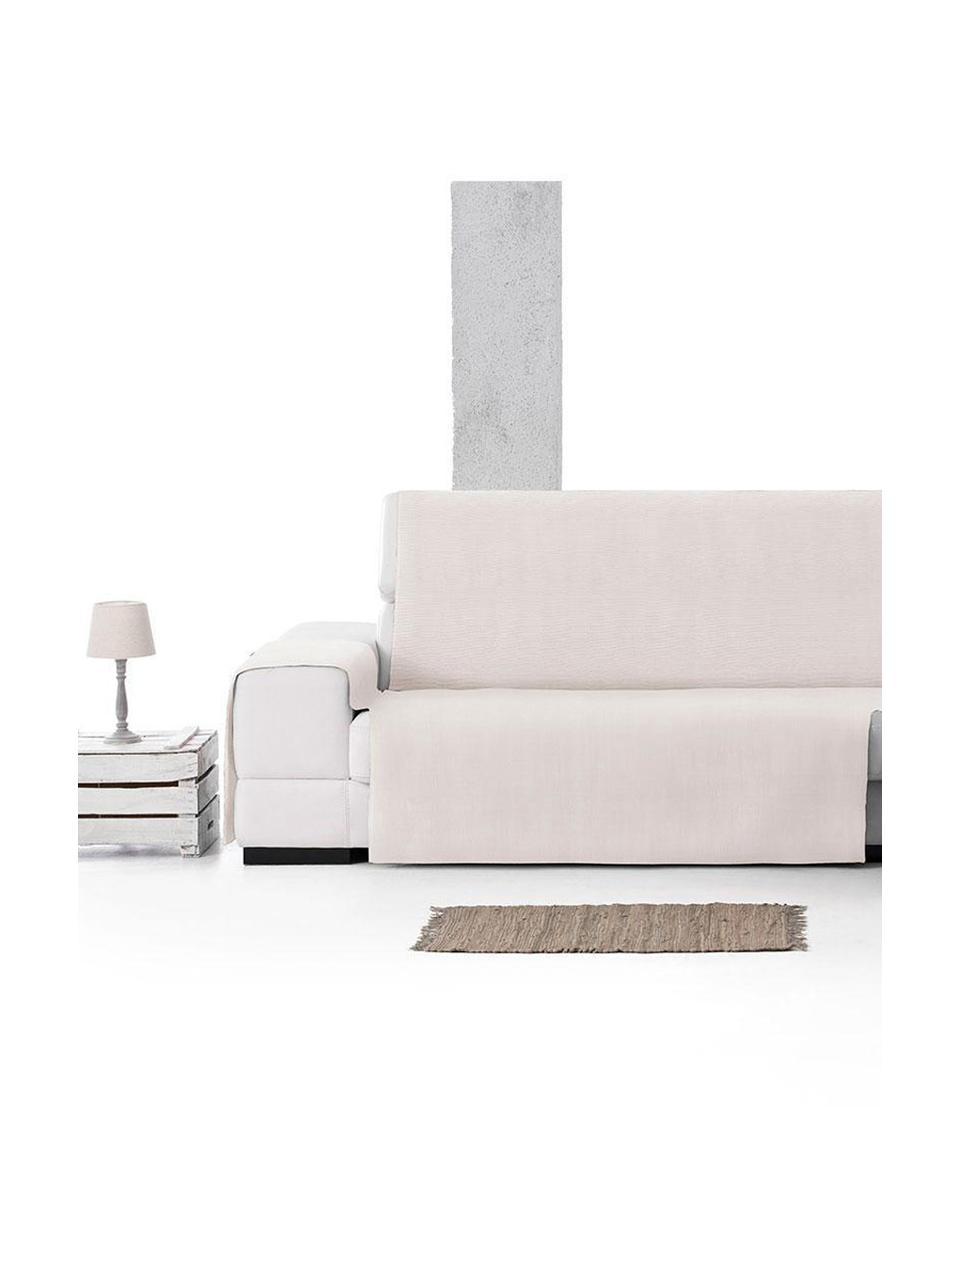 Copertura divano angolare Levante, 65% cotone, 35% poliestere, Color crema, Larg. 150 x Lung. 240 cm